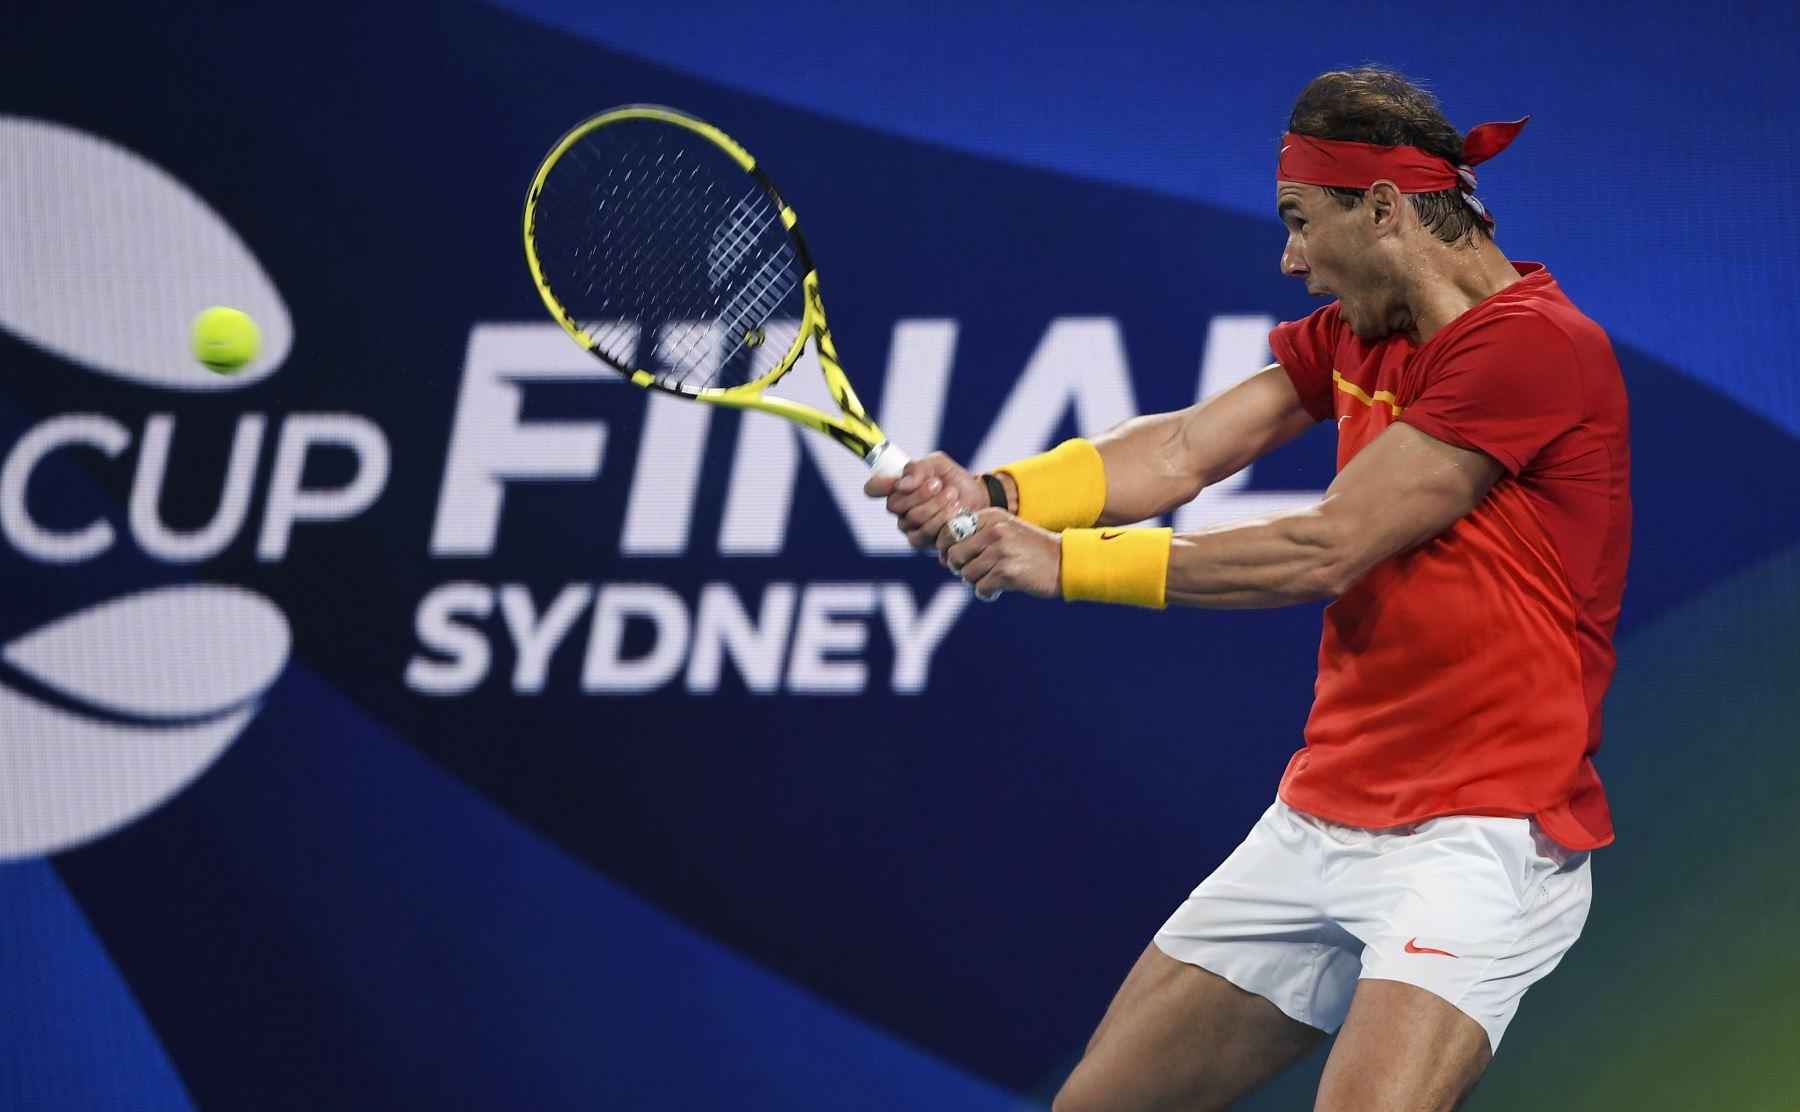 Rafael Nadal, de España, regresa contra Alex de Minaur, de Australia, durante su partido de semifinales de individuales masculinos en el torneo de tenis ATP Cup en Sydney. Foto: AFP